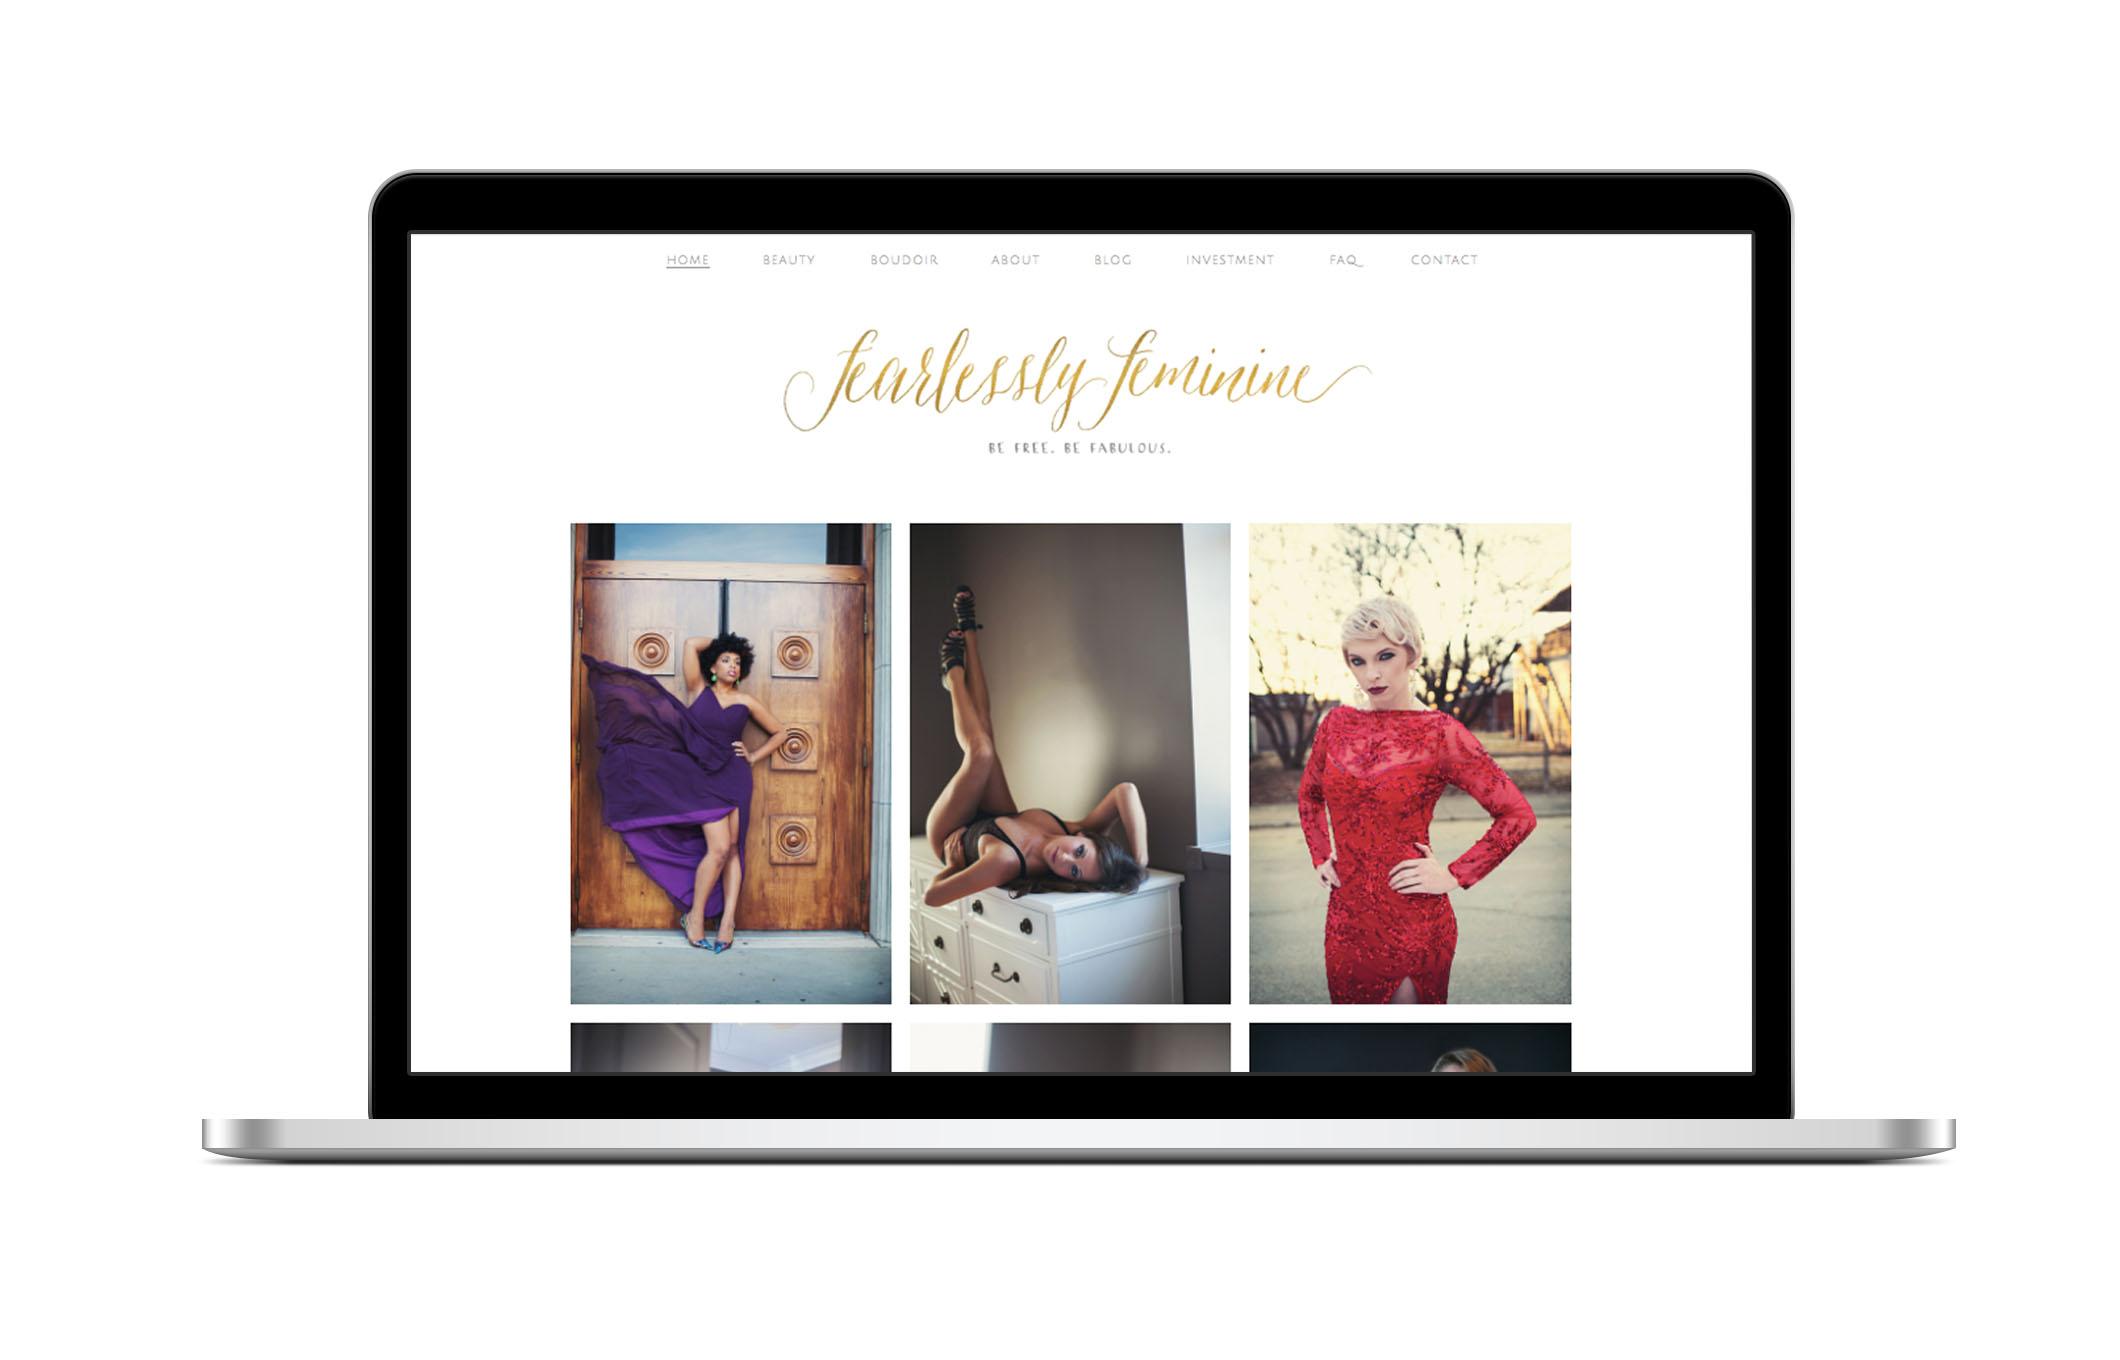 fearlessly feminine website design